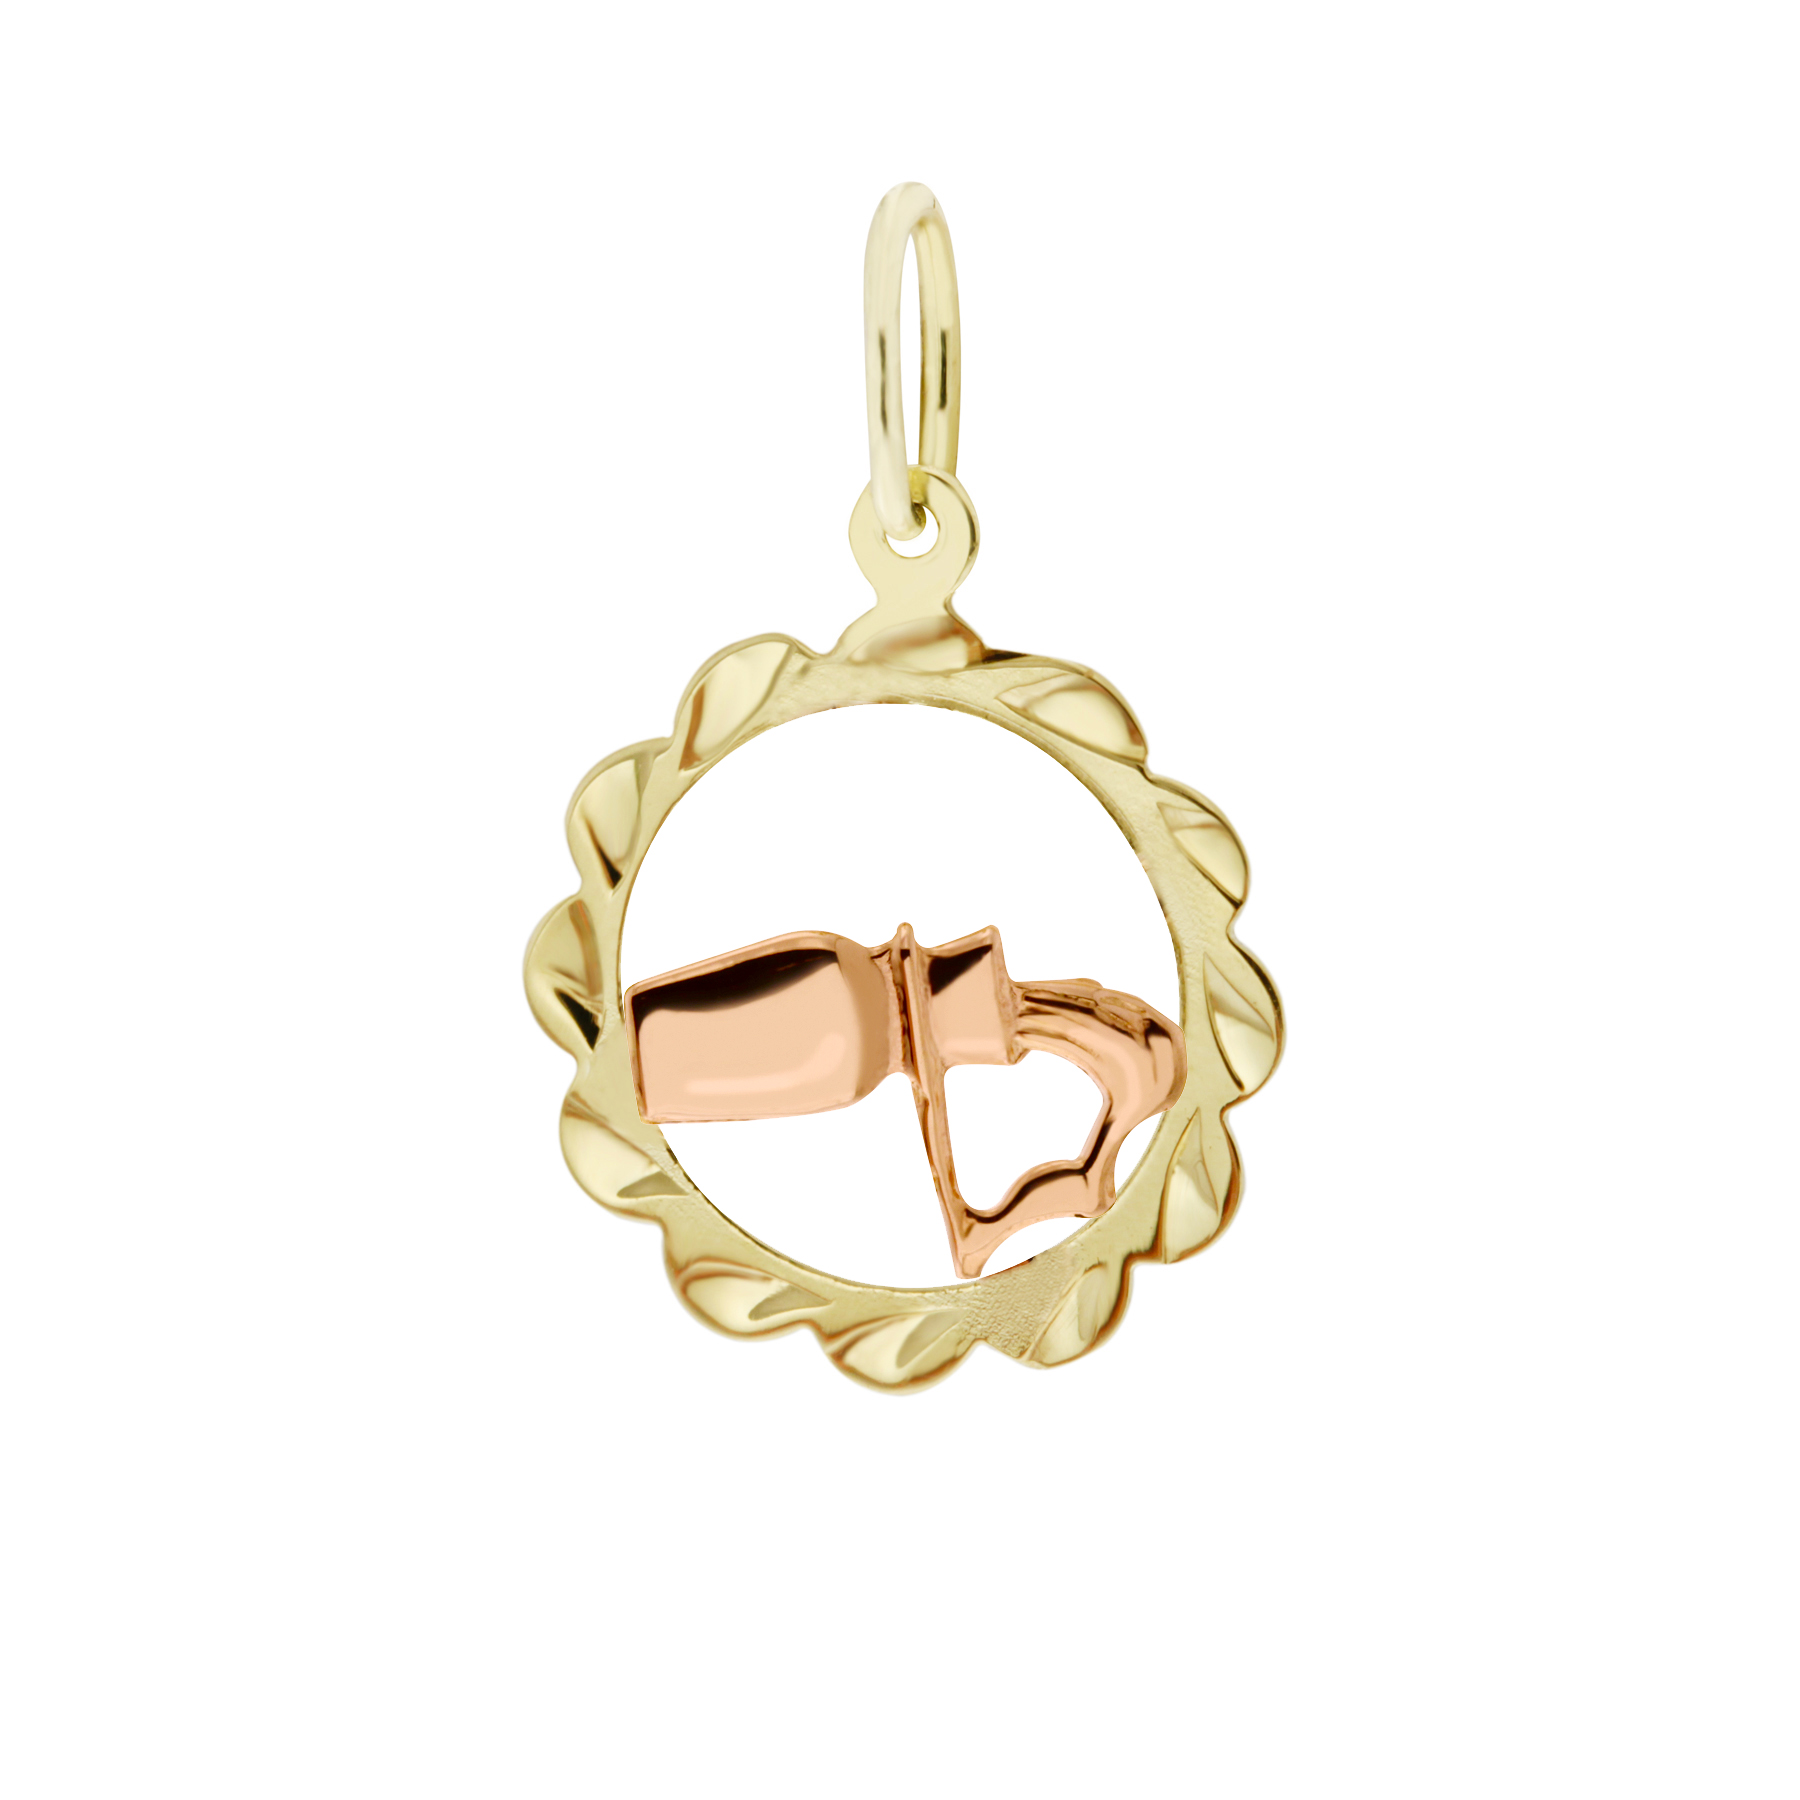 Zlatý přívěsek - znamení zvěrokruhu Vodnář Tvar: Kytička, rytý rámeček